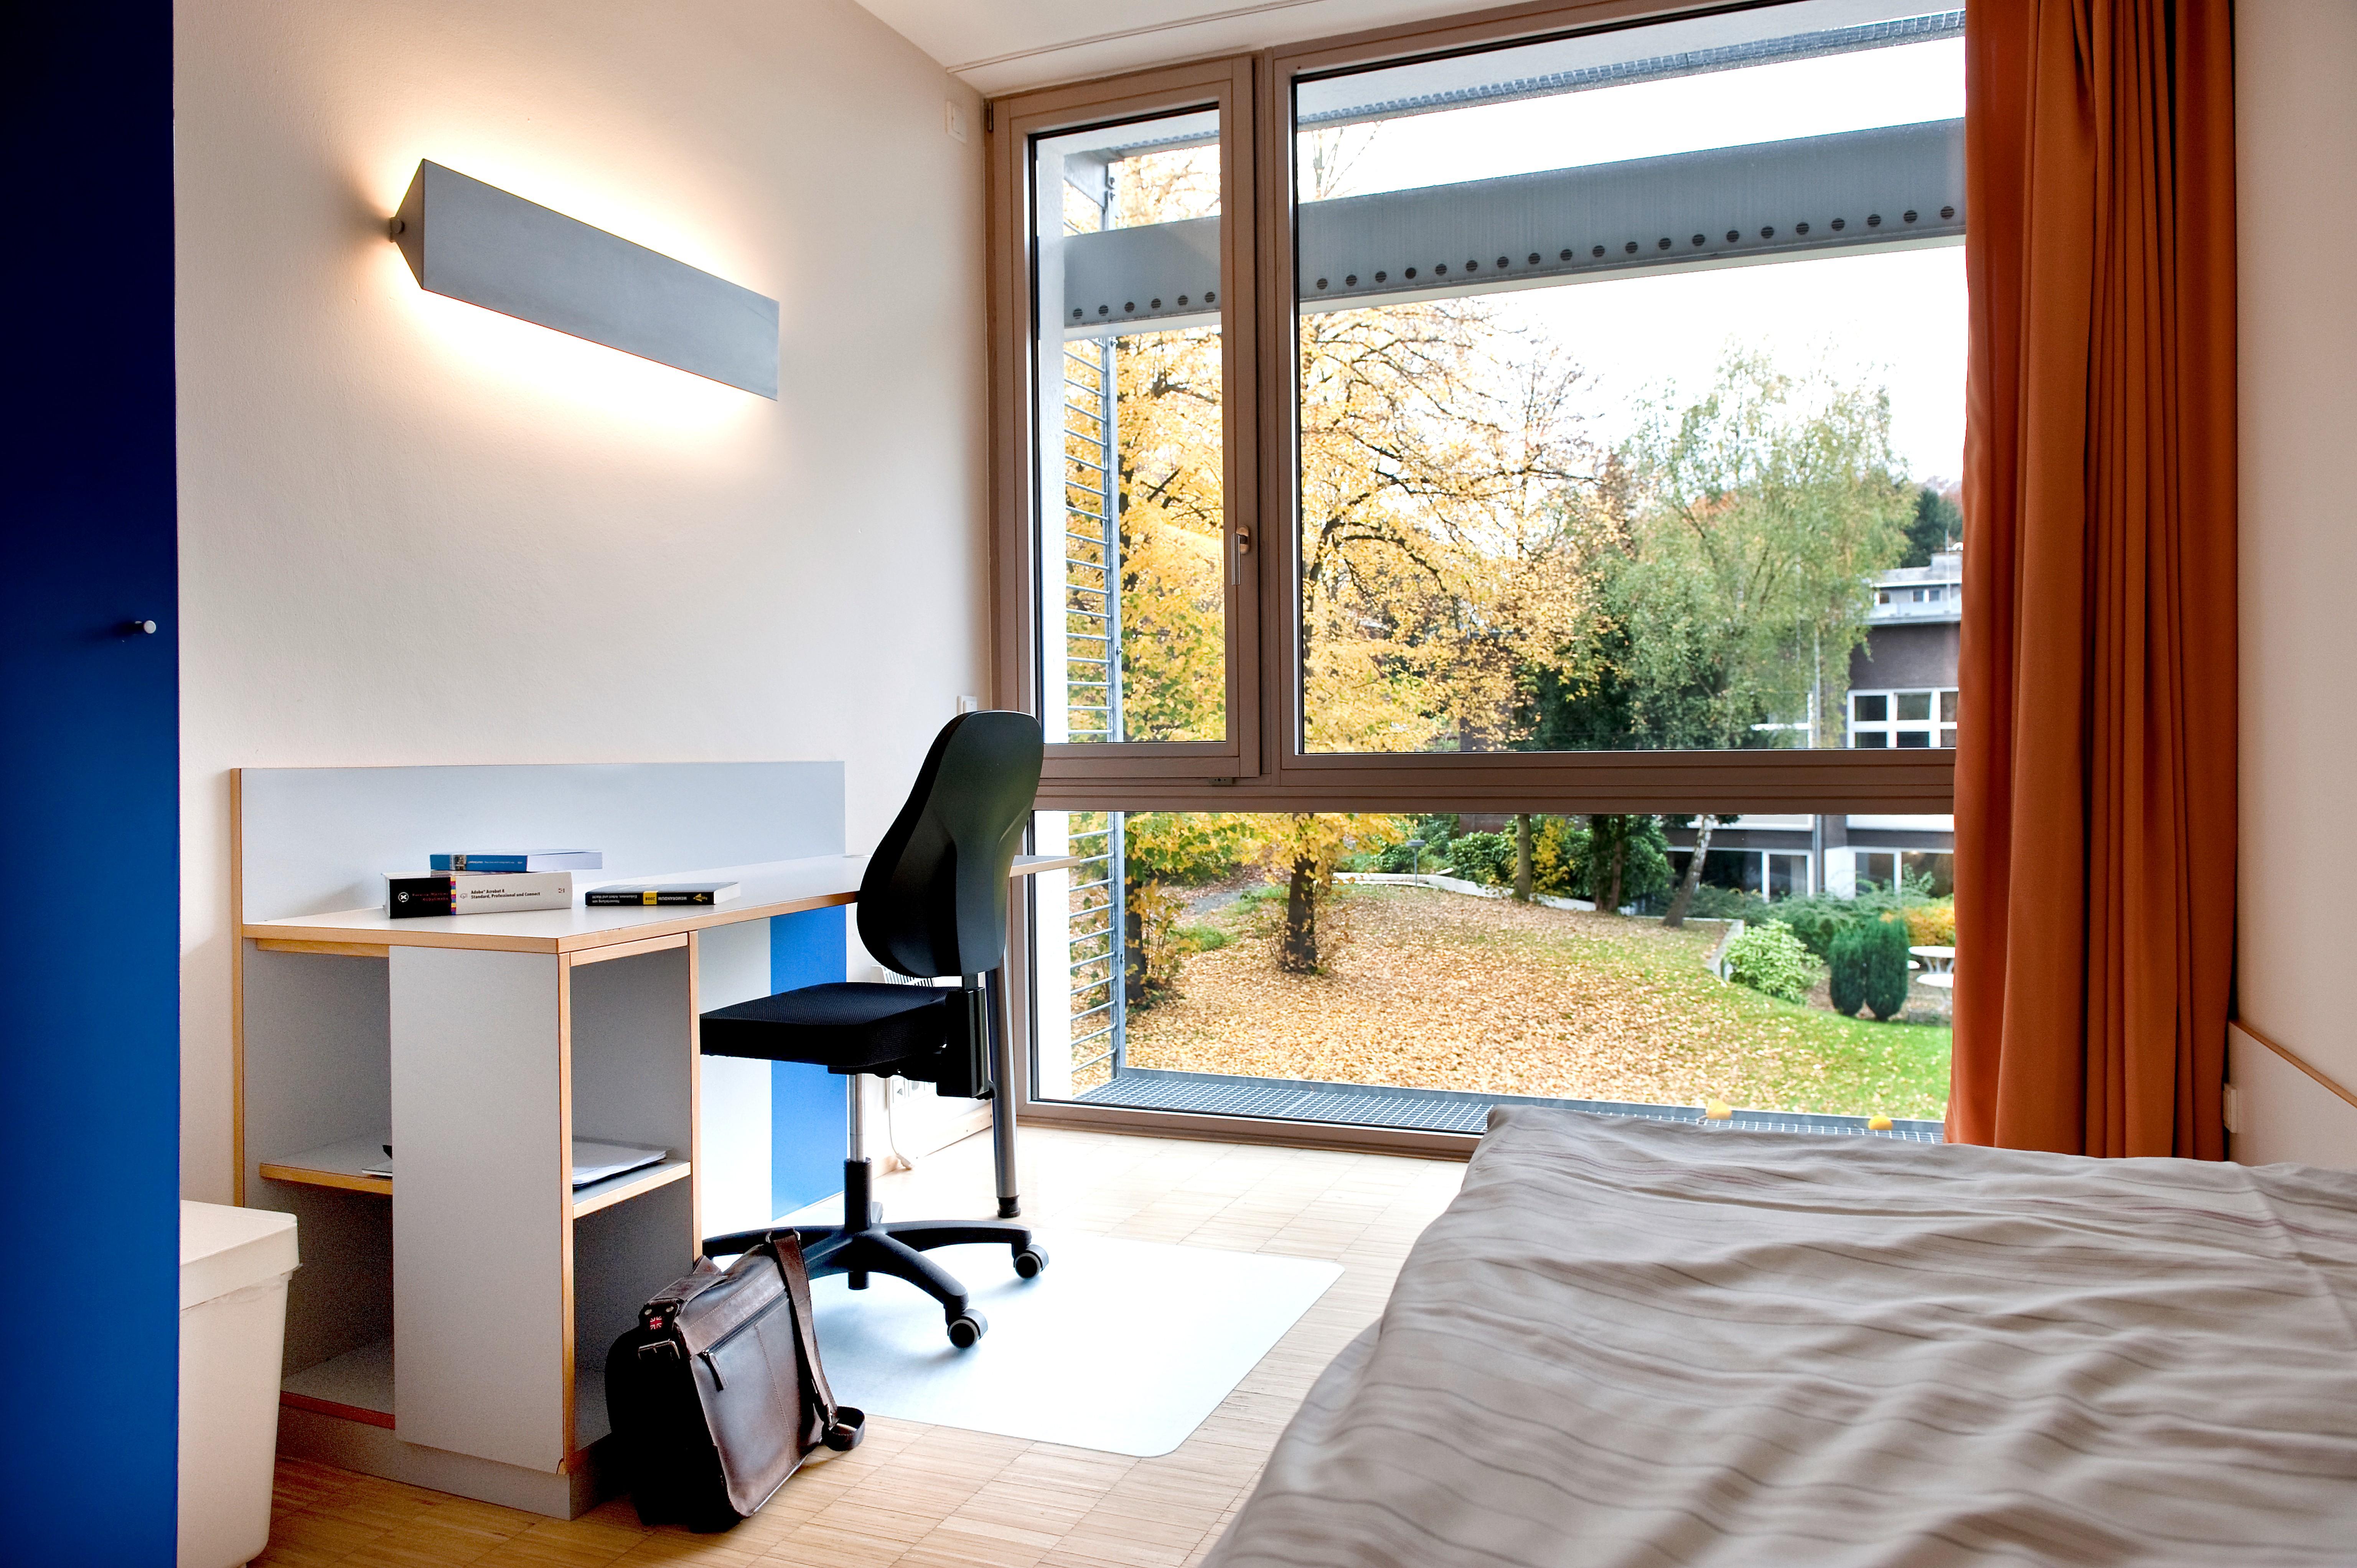 Zimmer der Bildungsherberge der Studierendenschaft der FernUniversität in Hagen